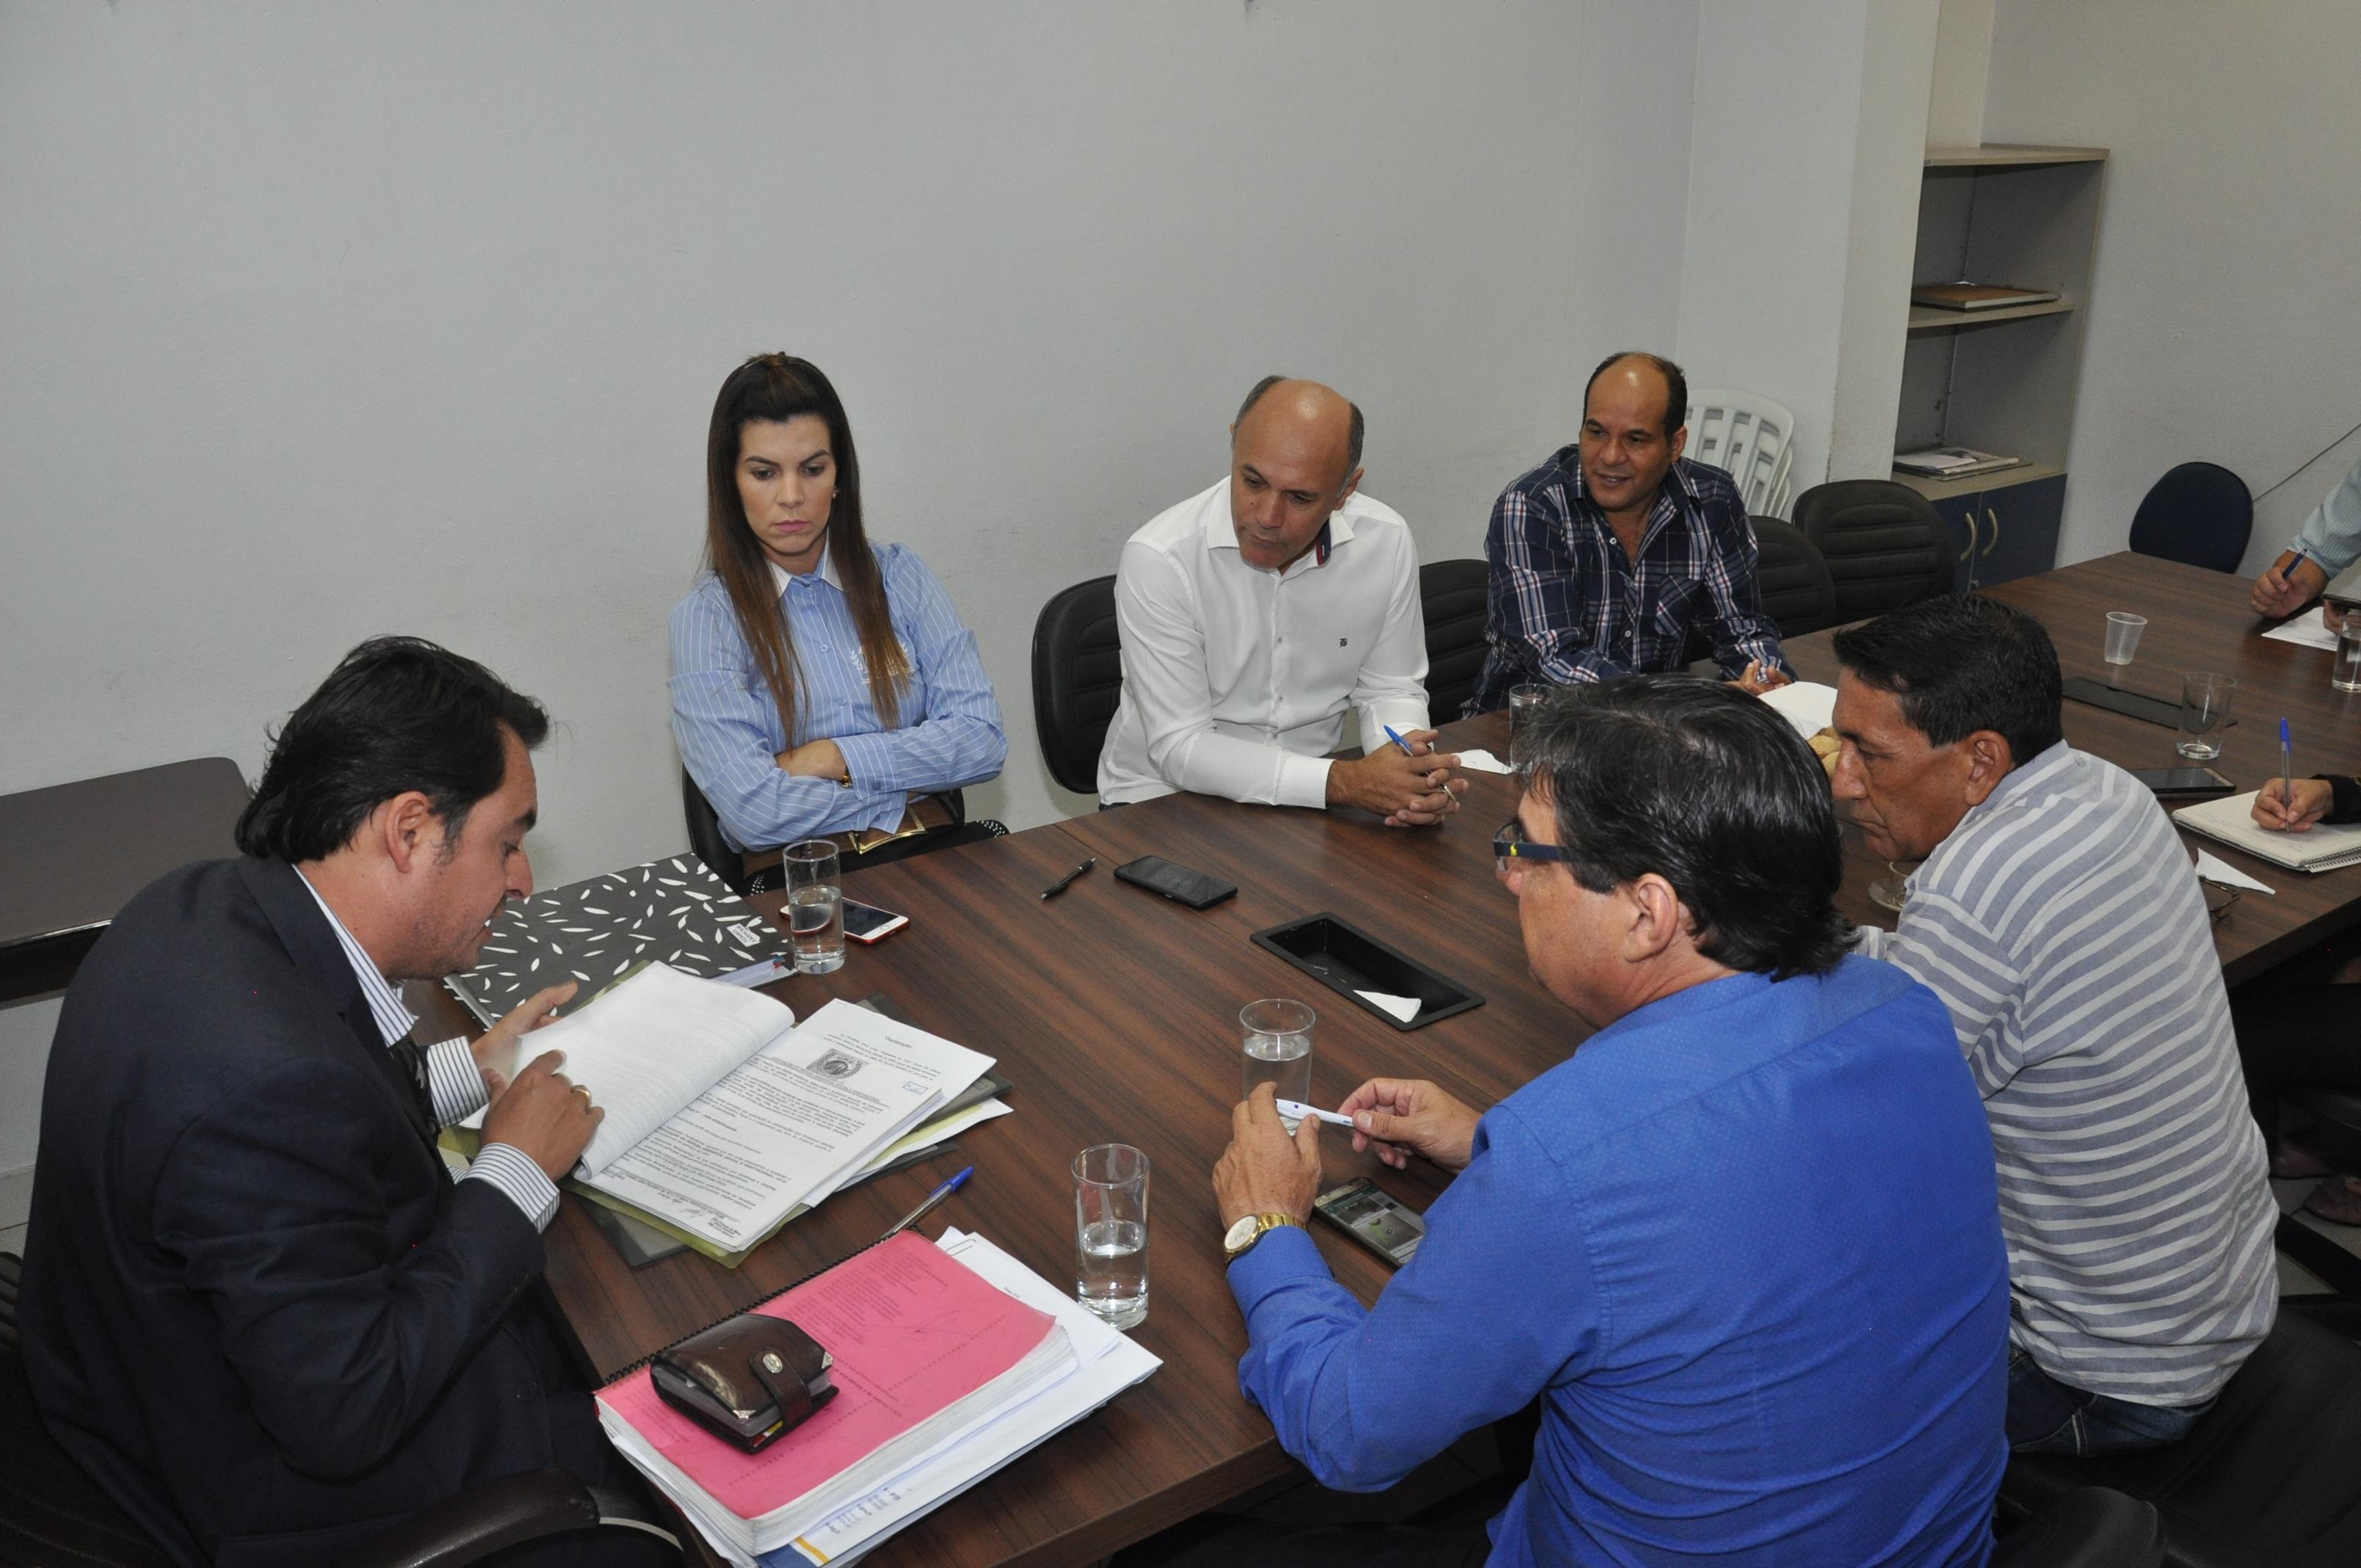 Projeto de lei do prefeito que modifica taxa de roçagem de lotes já tem duas emendas na CCJR